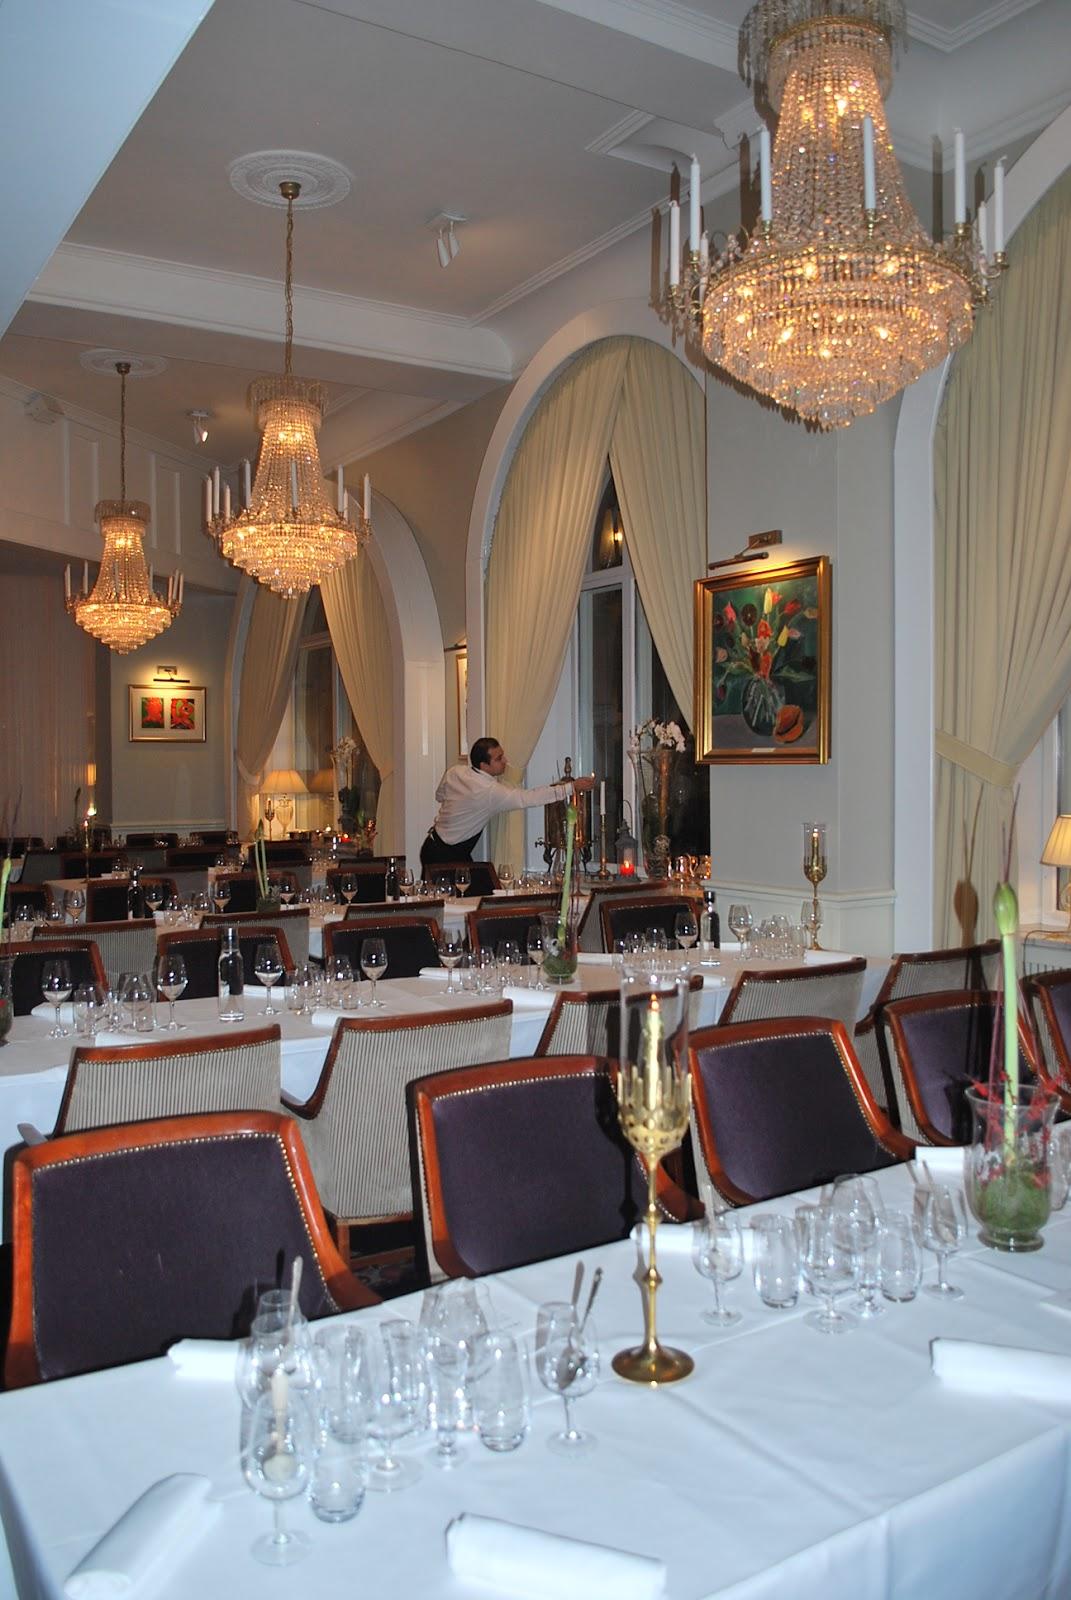 7ea24889d22a Årets julbord på Grand Hotel i Lund är bara helt fantastiskt! Underbar  miljö och helt fantastisk mat.